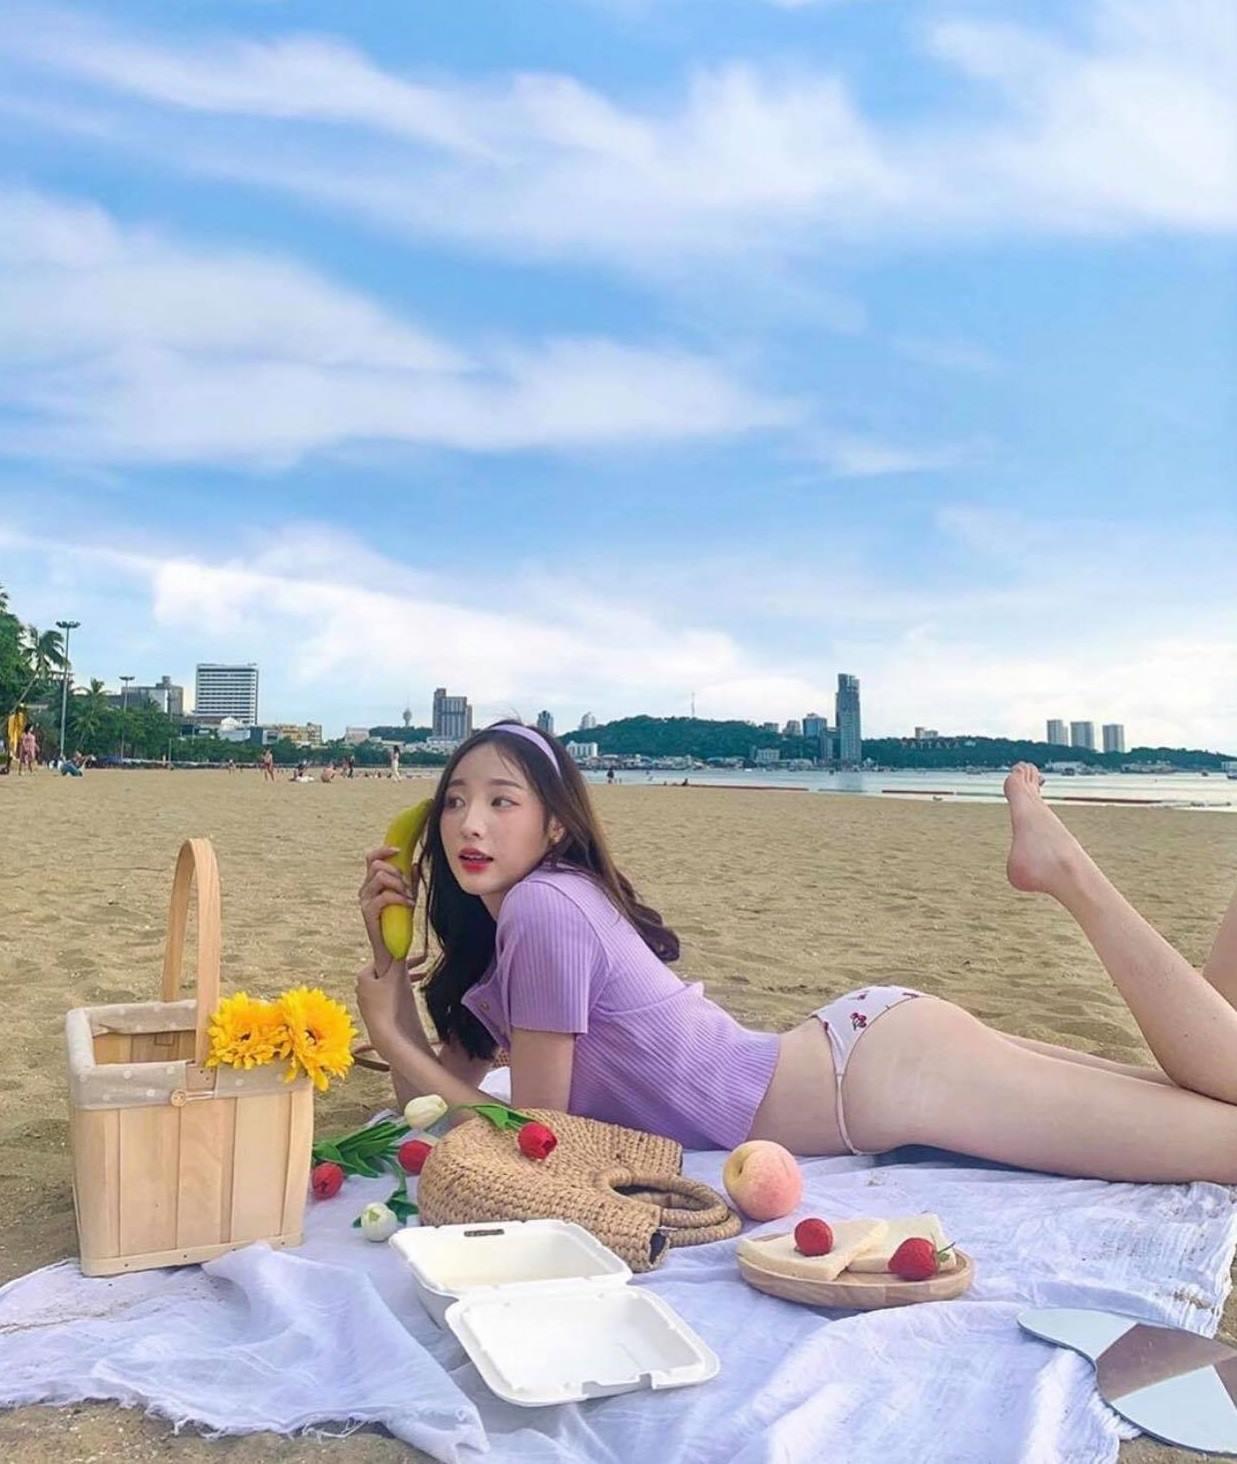 Thiếu nữ châu Á khoe bụng phẳng chân nuột với kiểu mặc áo phông táo bạo - 3